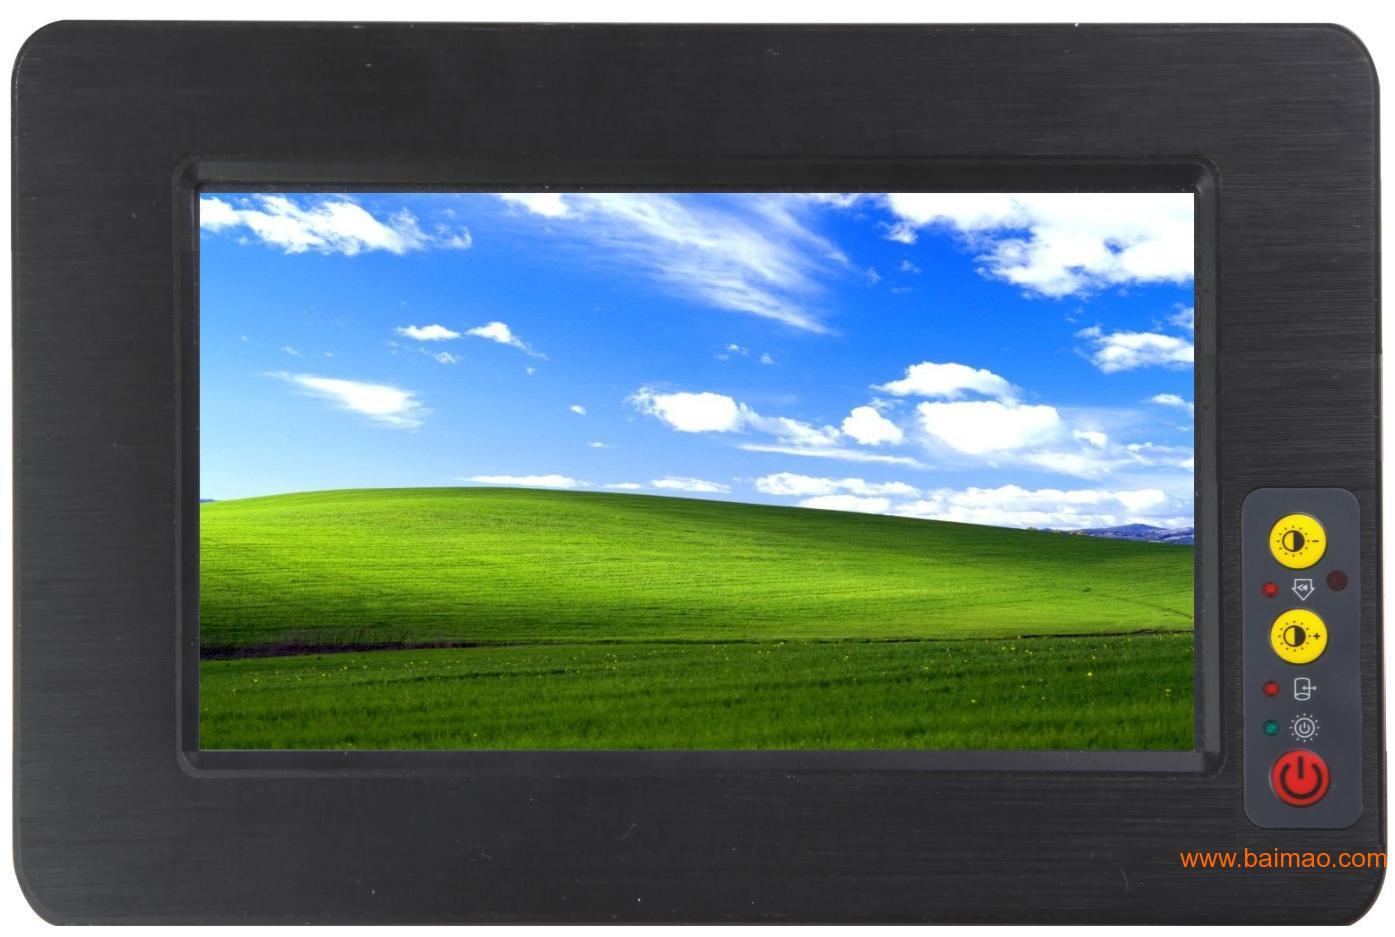 研祥工业平板电脑 在2010年至2012年三年时间里